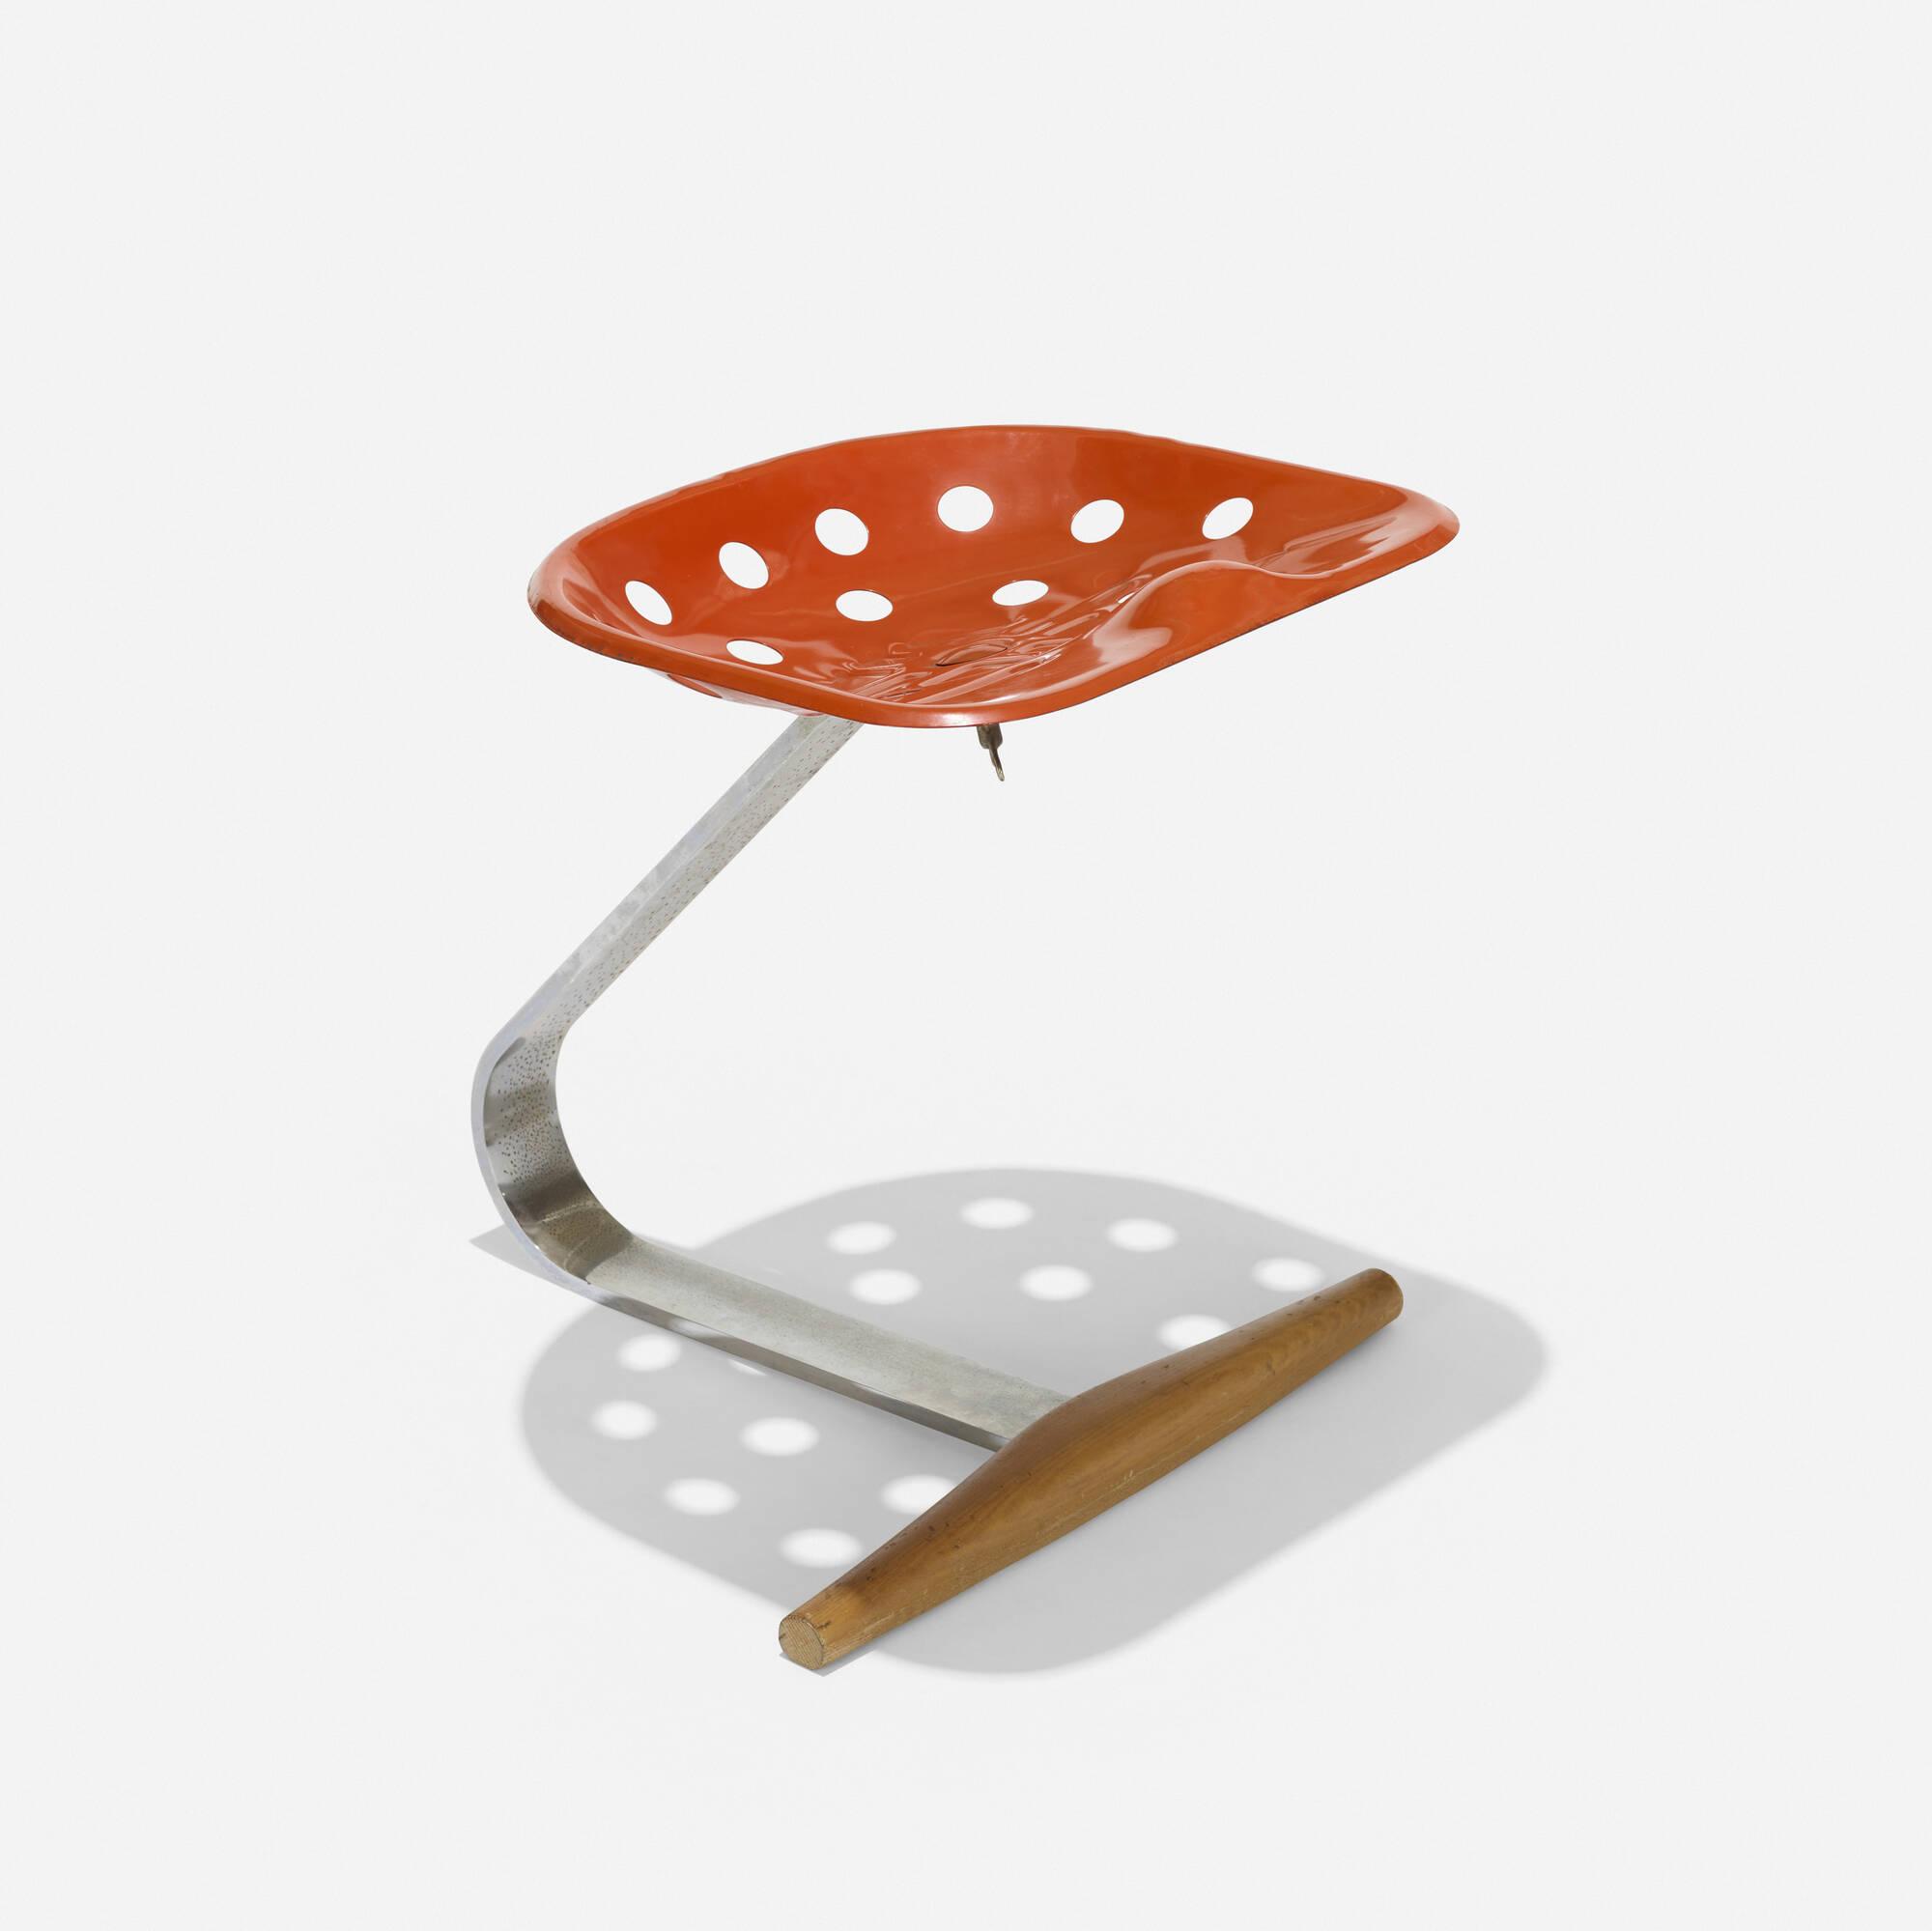 128: Achille and Pier Giacomo Castiglioni / Mezzadro stool (1 of 2)